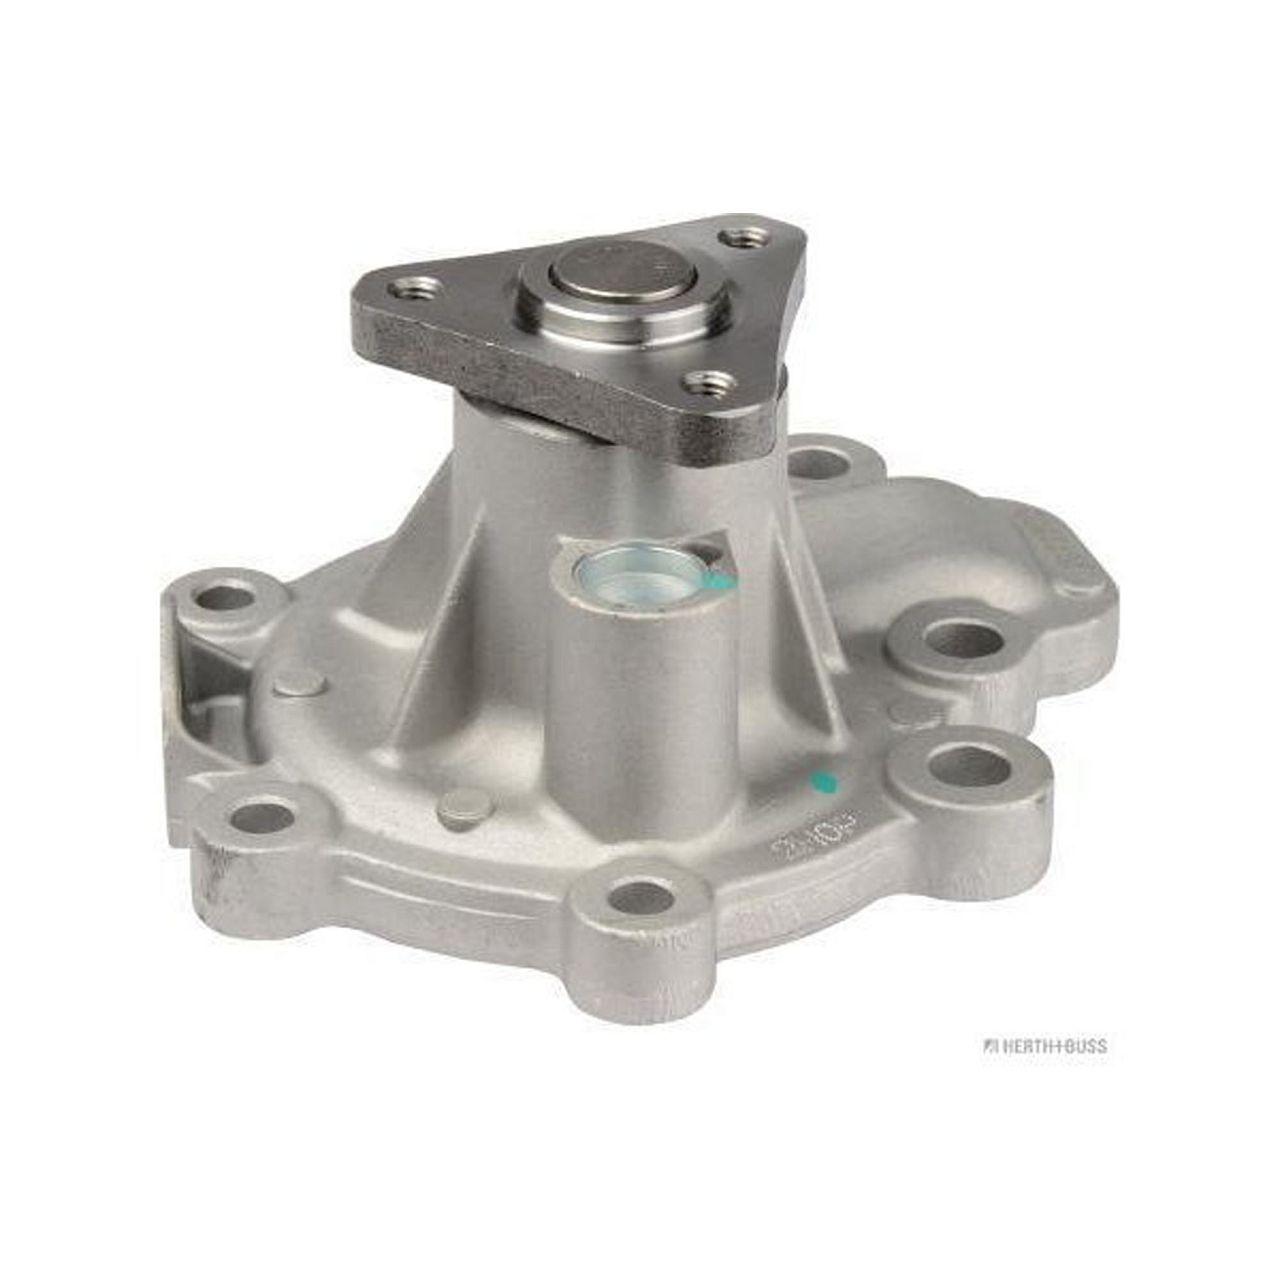 HERTH+BUSS JAKOPARTS Wasserpumpe für MAZDA 3 (BM BN) 6 (GJ GL) CX-3 (DK) CX-5